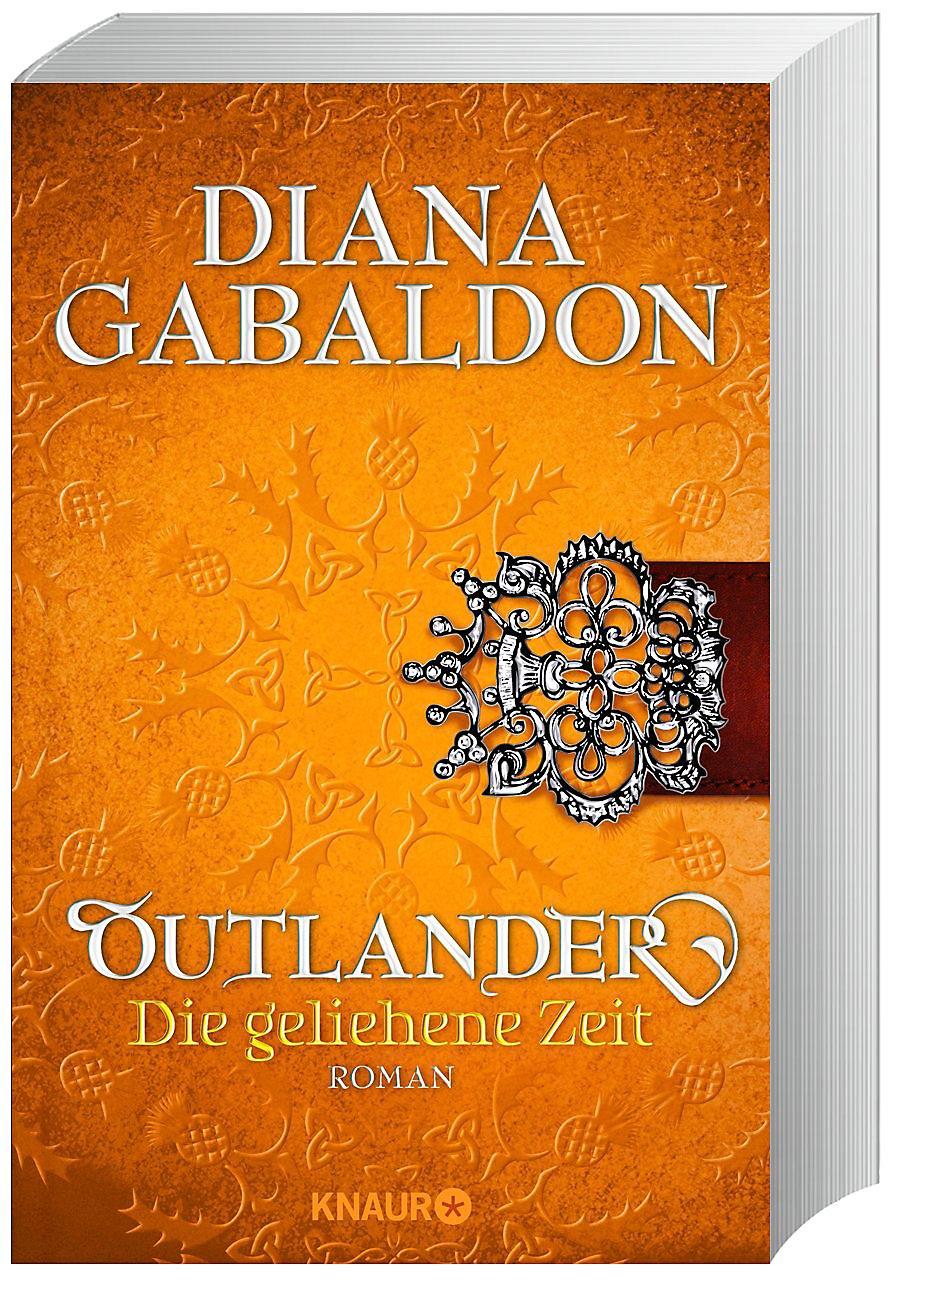 Outlander 2 Buch